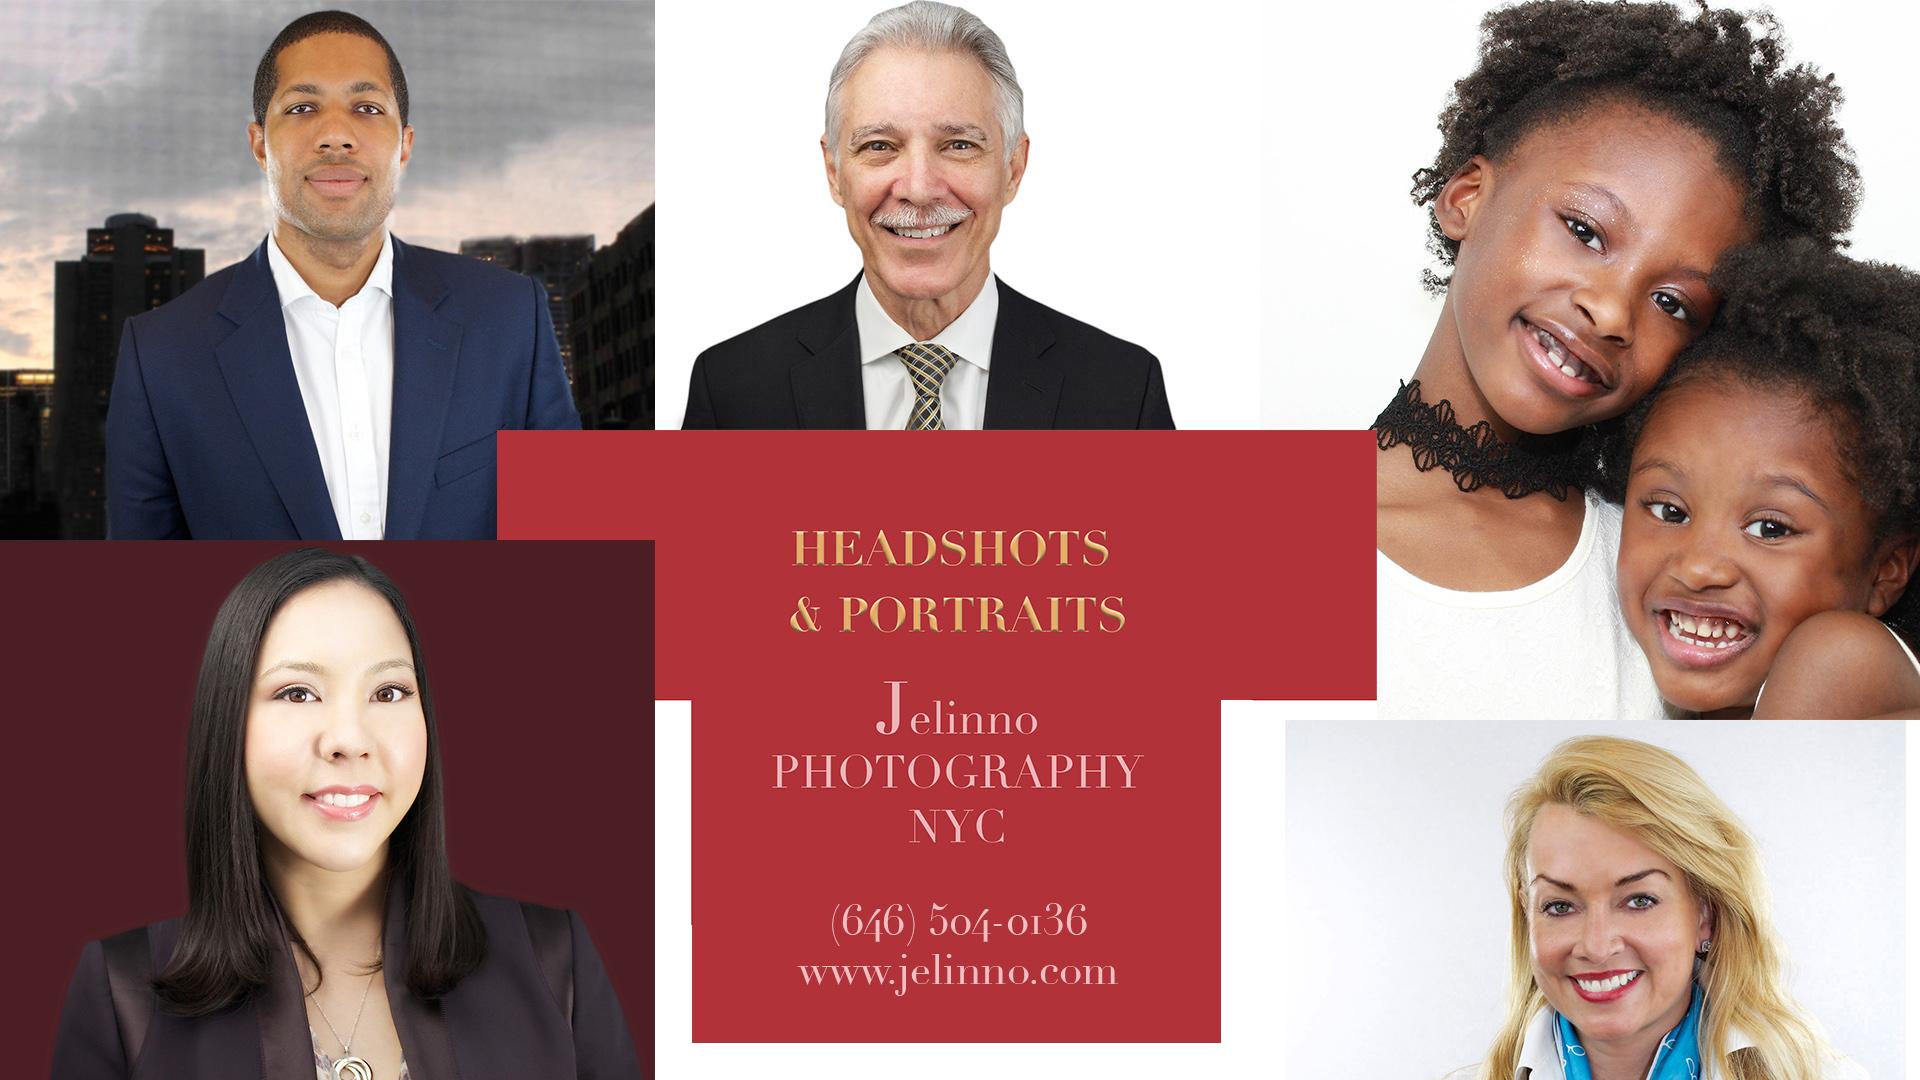 New York Headshot Photographer, NYC Headshot Photographer